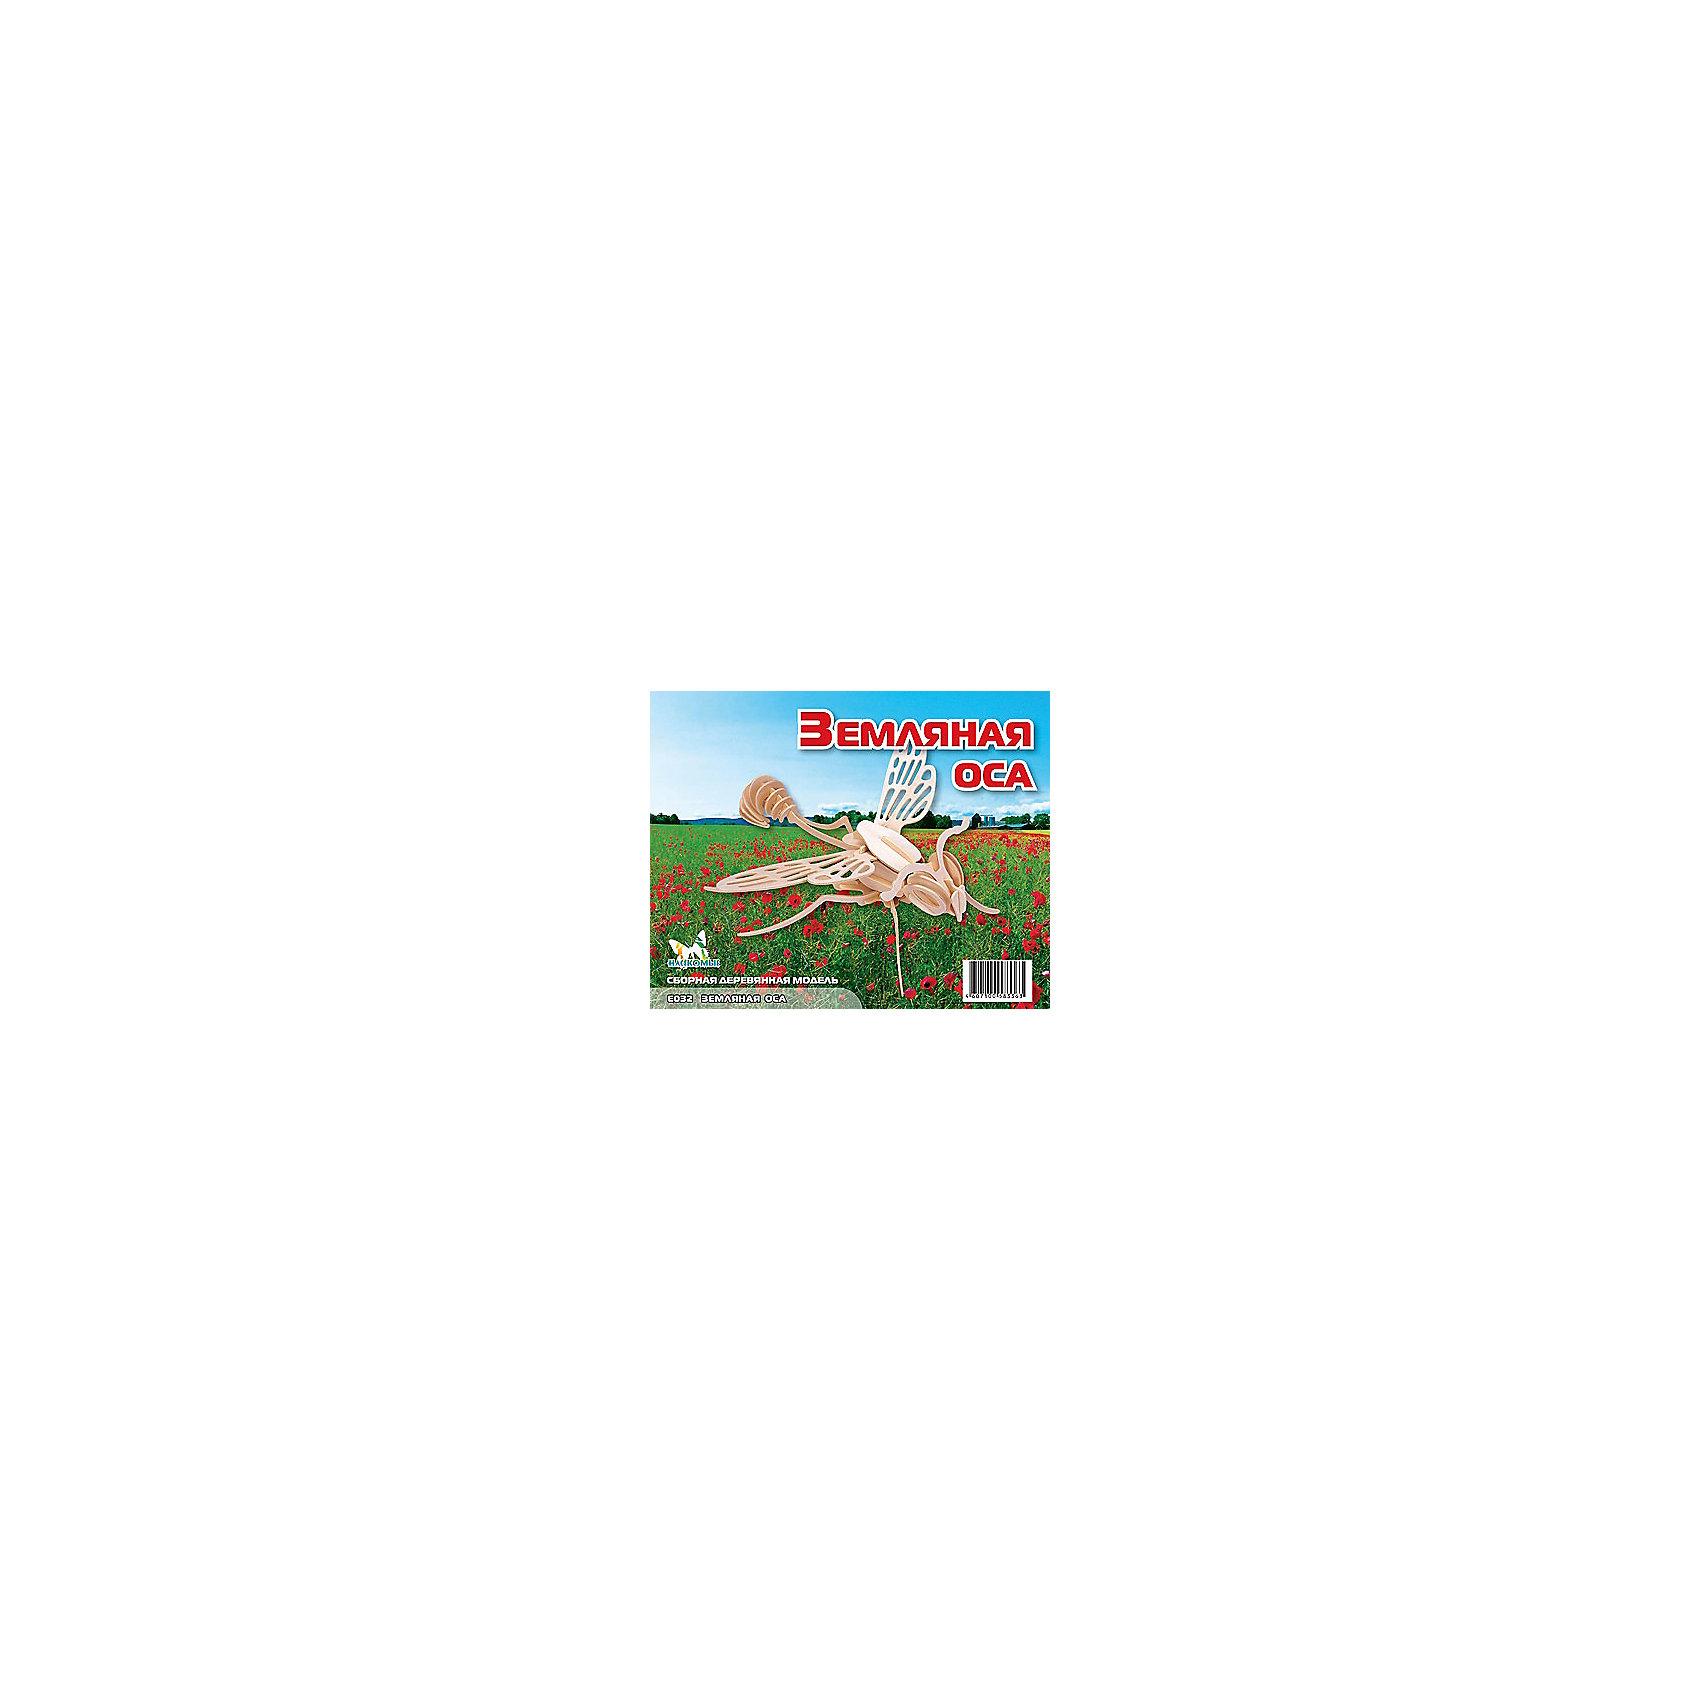 МДИ Оса (серия Е), Мир деревянных игрушек игрушка мир деревянных игрушек лабиринт слон д345